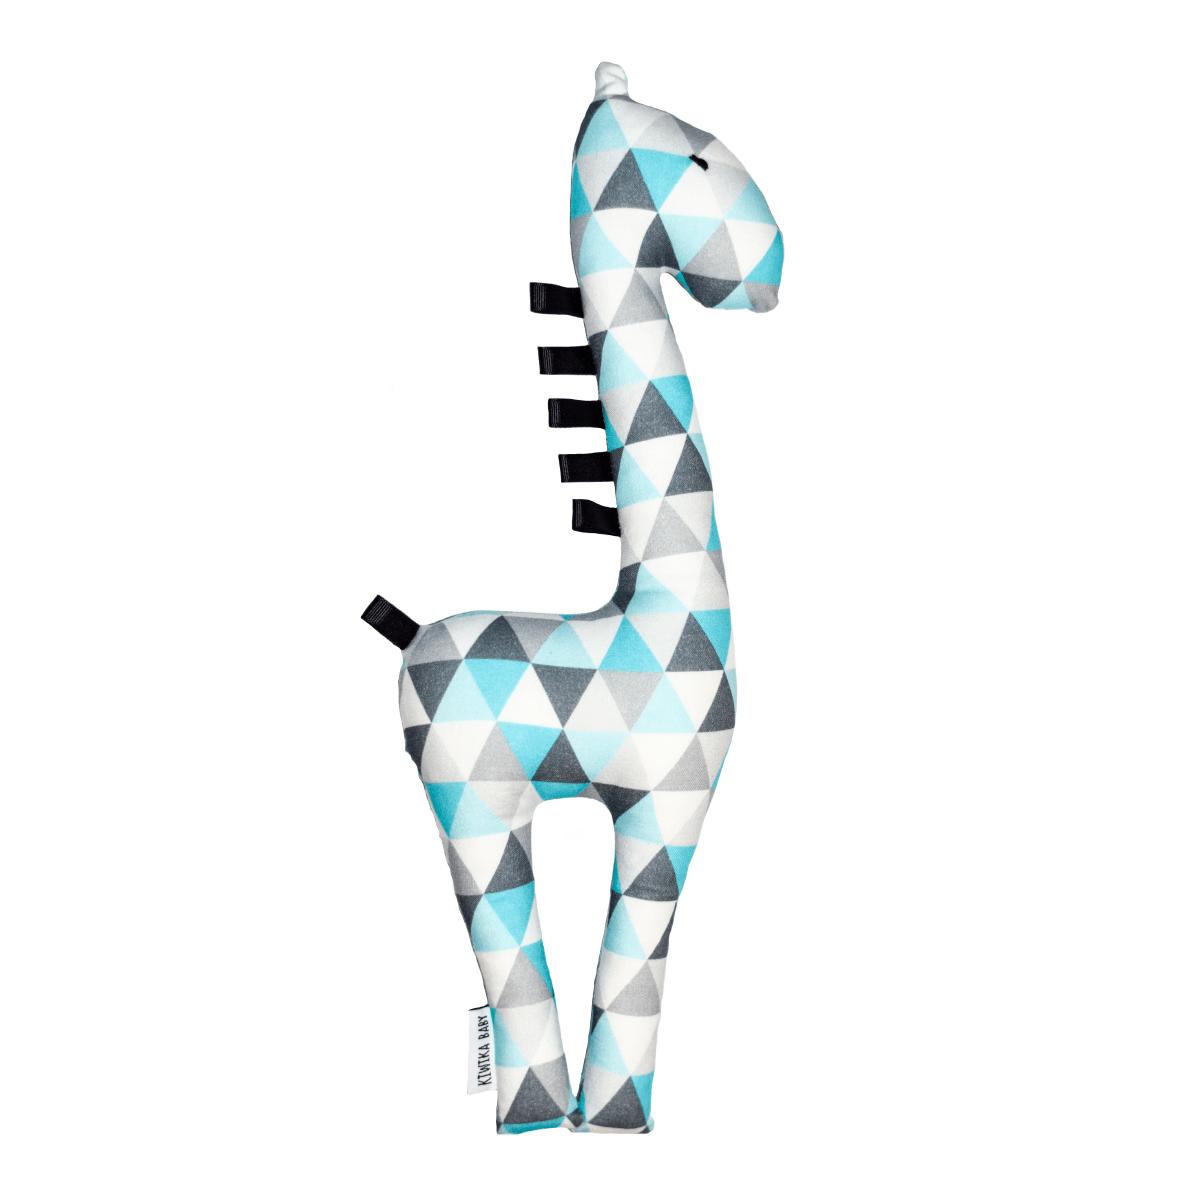 Unikalne Żyrafa Metkowiec - Lazurowe Trójkąty - Lululand.pl VM09